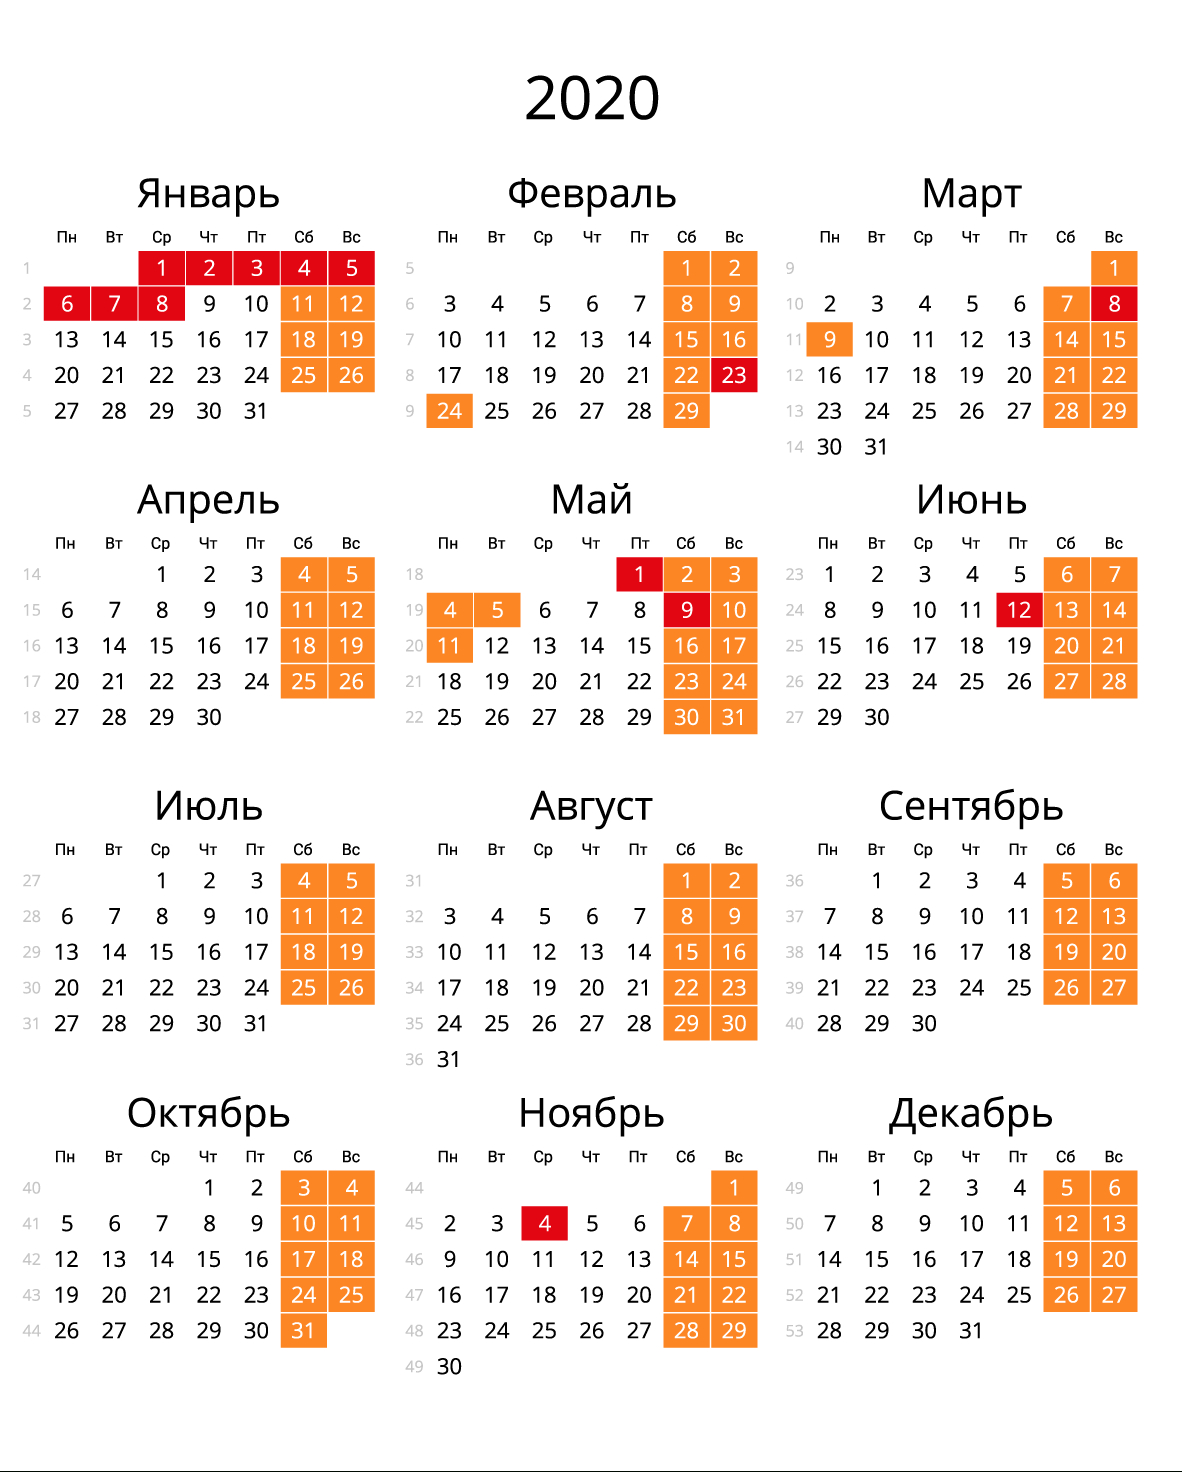 Скачать Календарь На 2020 Год В Форматах: Word, Pdf, Jpg inside Kalendar Kuda 2020 Pdf